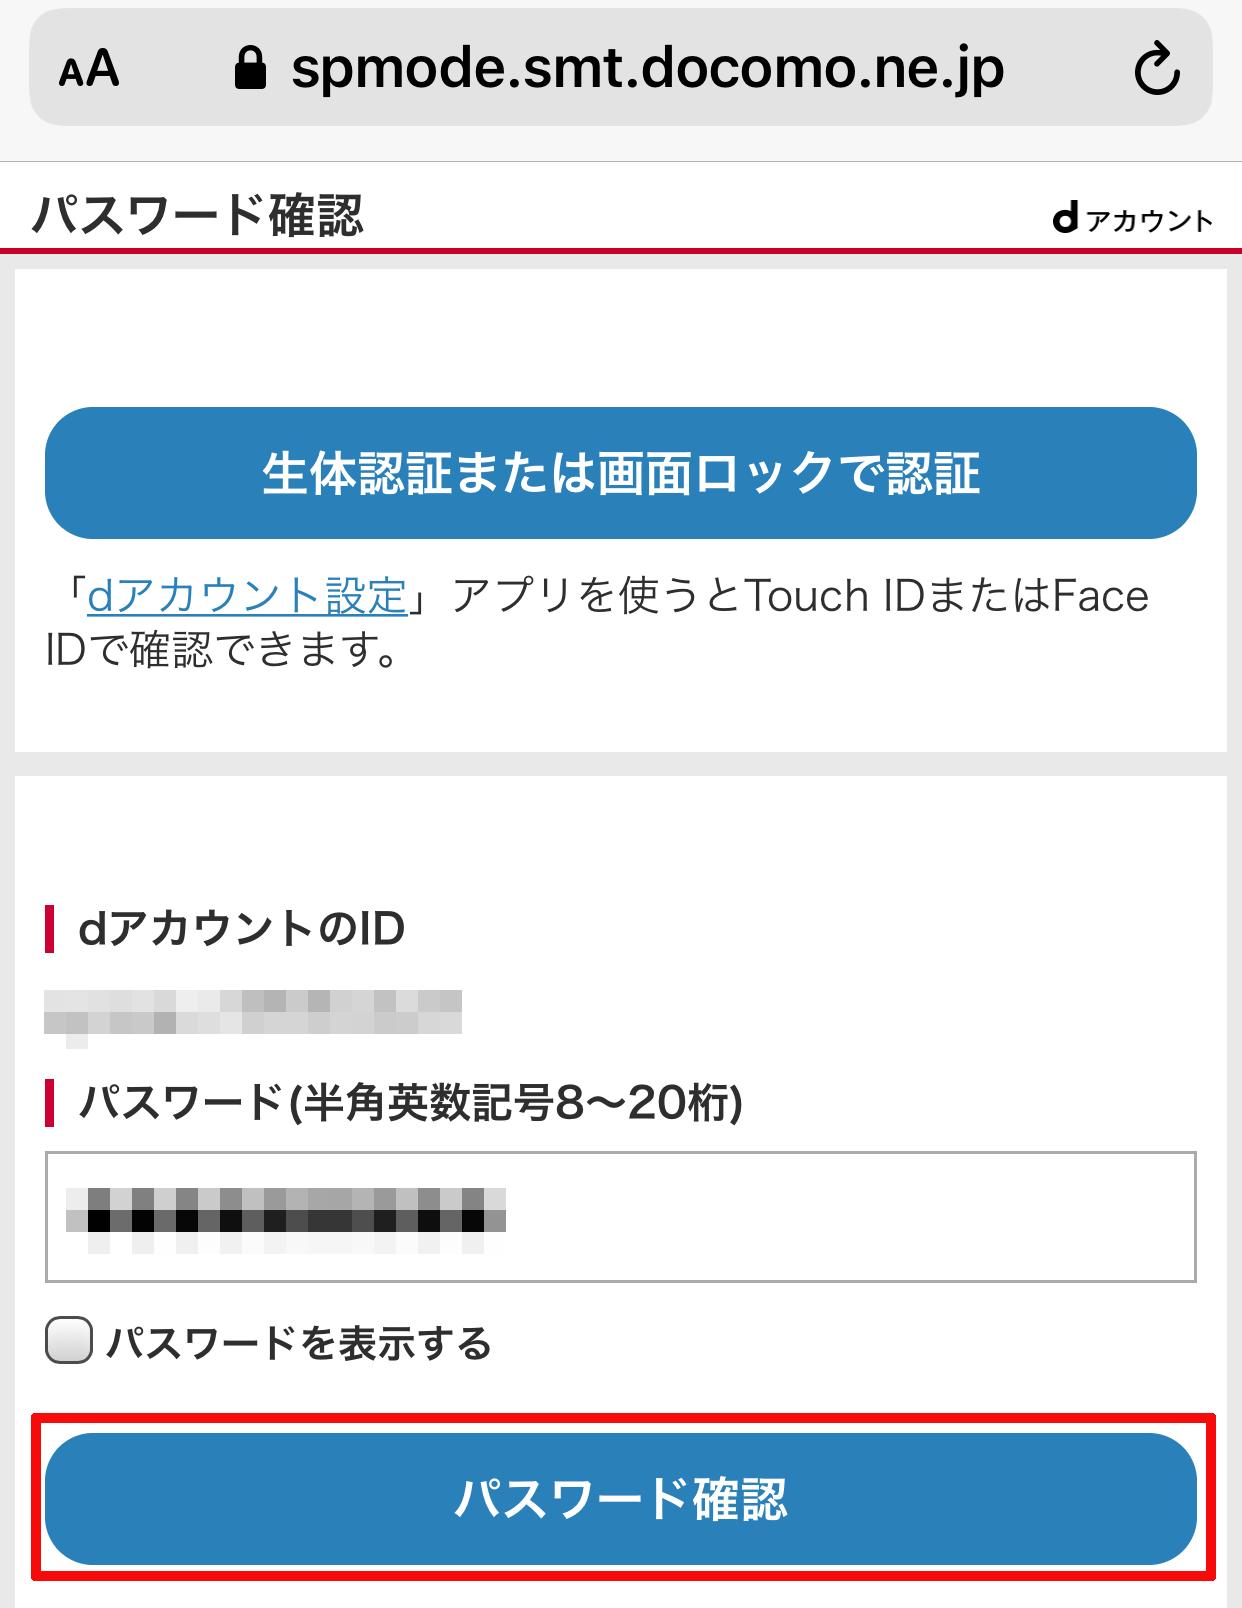 アプリからブラウザ(Safari)の方へ移動し、このようにdアカウントのパスワードの確認を求められますので、パスワードを入力し「パスワード確認」をタップします。